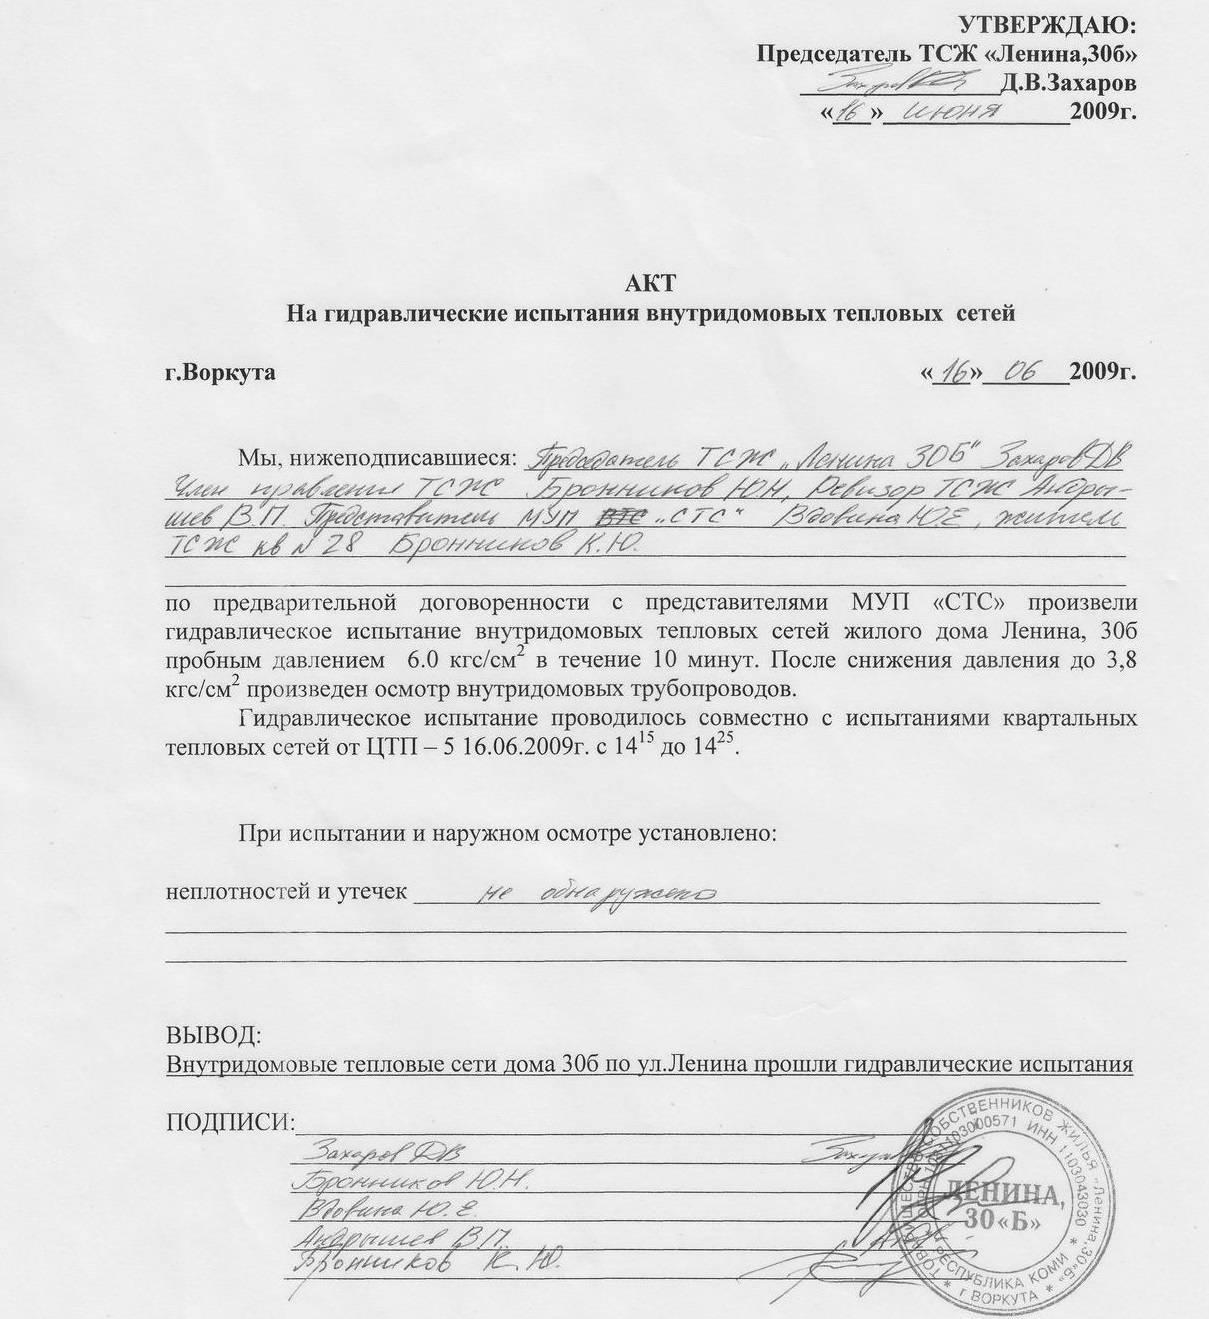 Формы актов для исполнительной документации